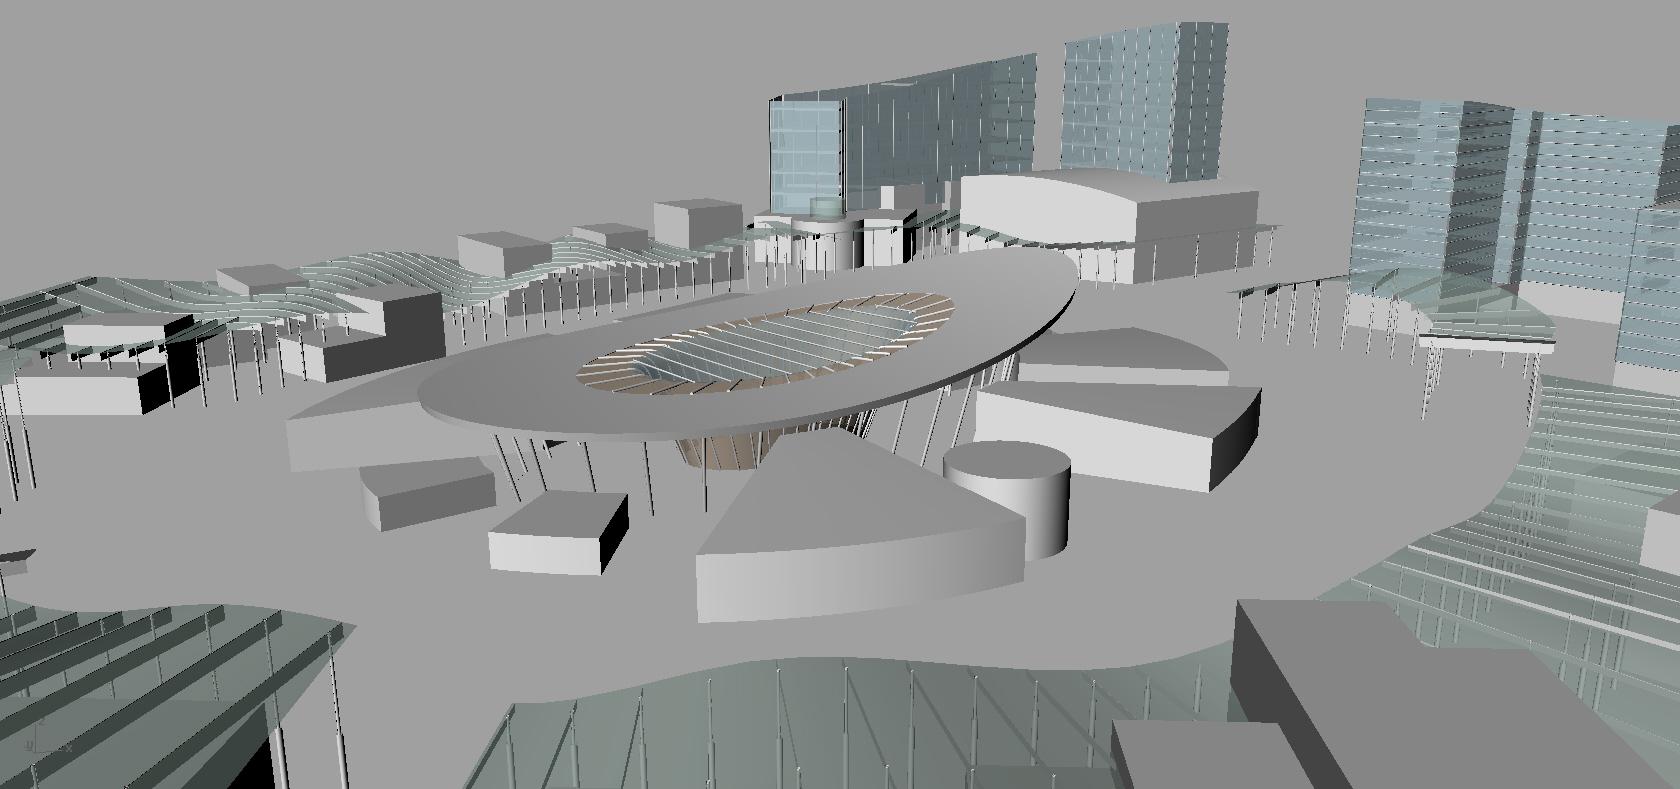 v5-render-closeup.jpg